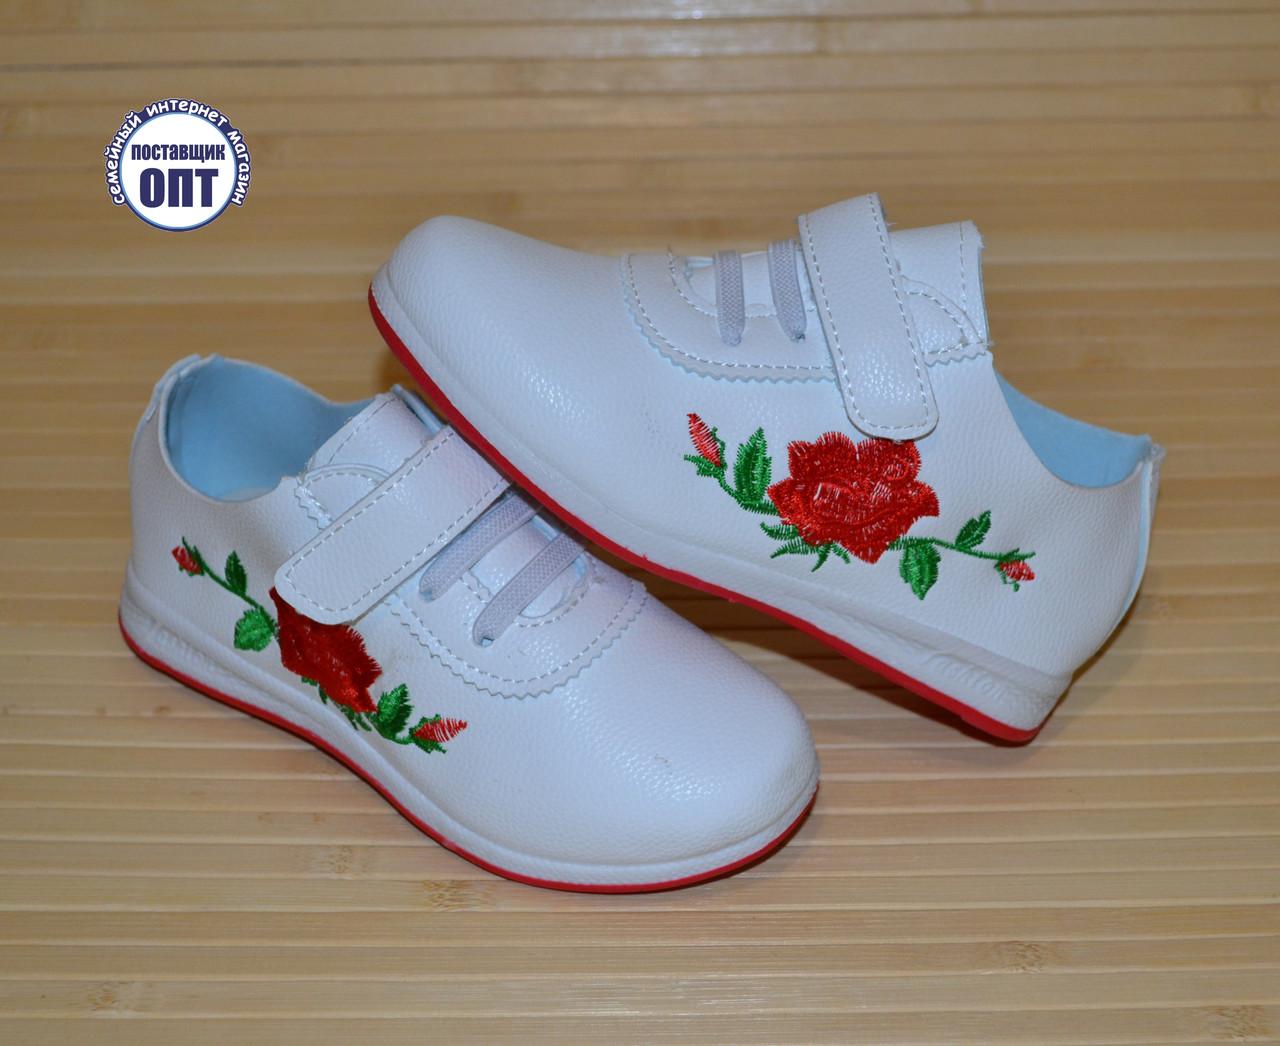 Кроссовки-макасины белые с вышивкой 26-31 размеры